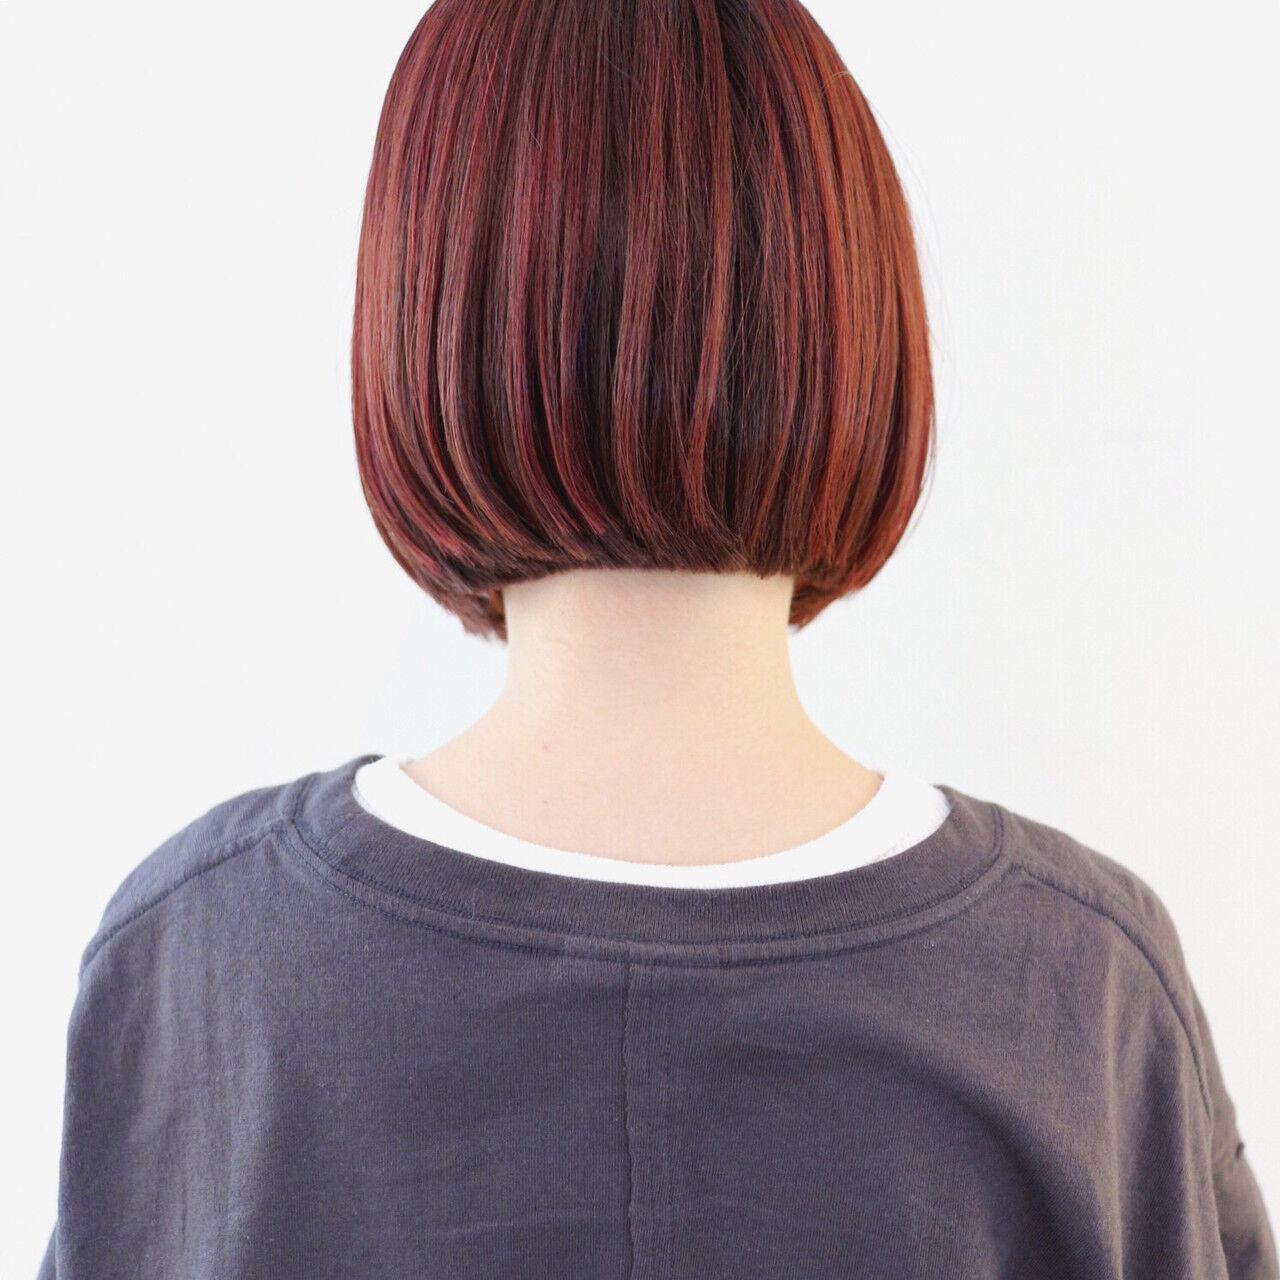 ストリート ブリーチカラー インナーカラー ハイライトヘアスタイルや髪型の写真・画像